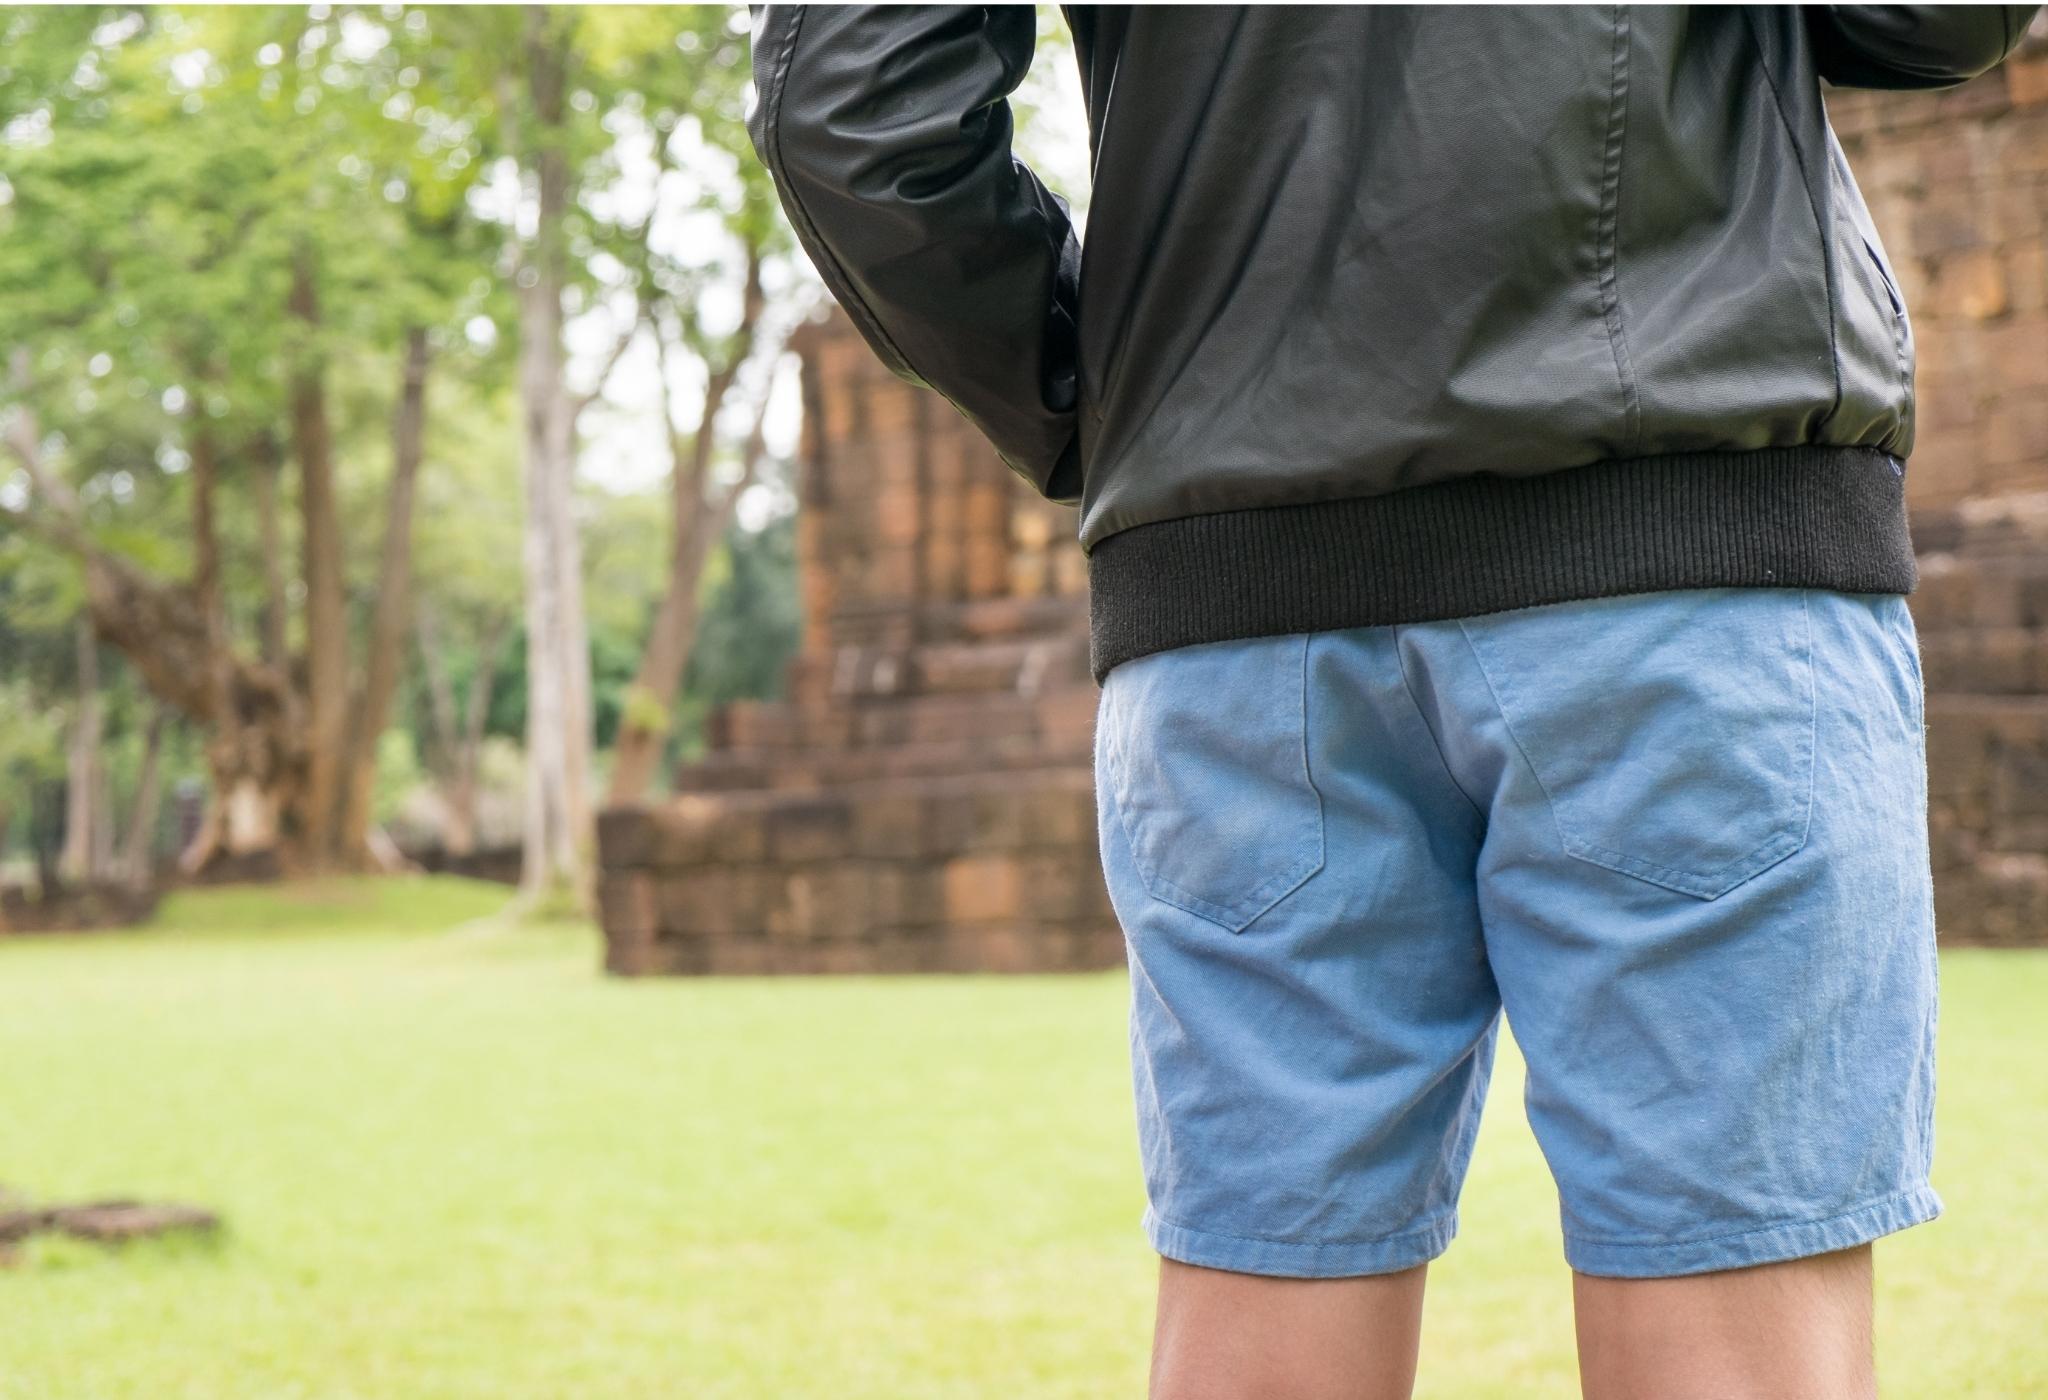 man wearing shorts and casual jacket